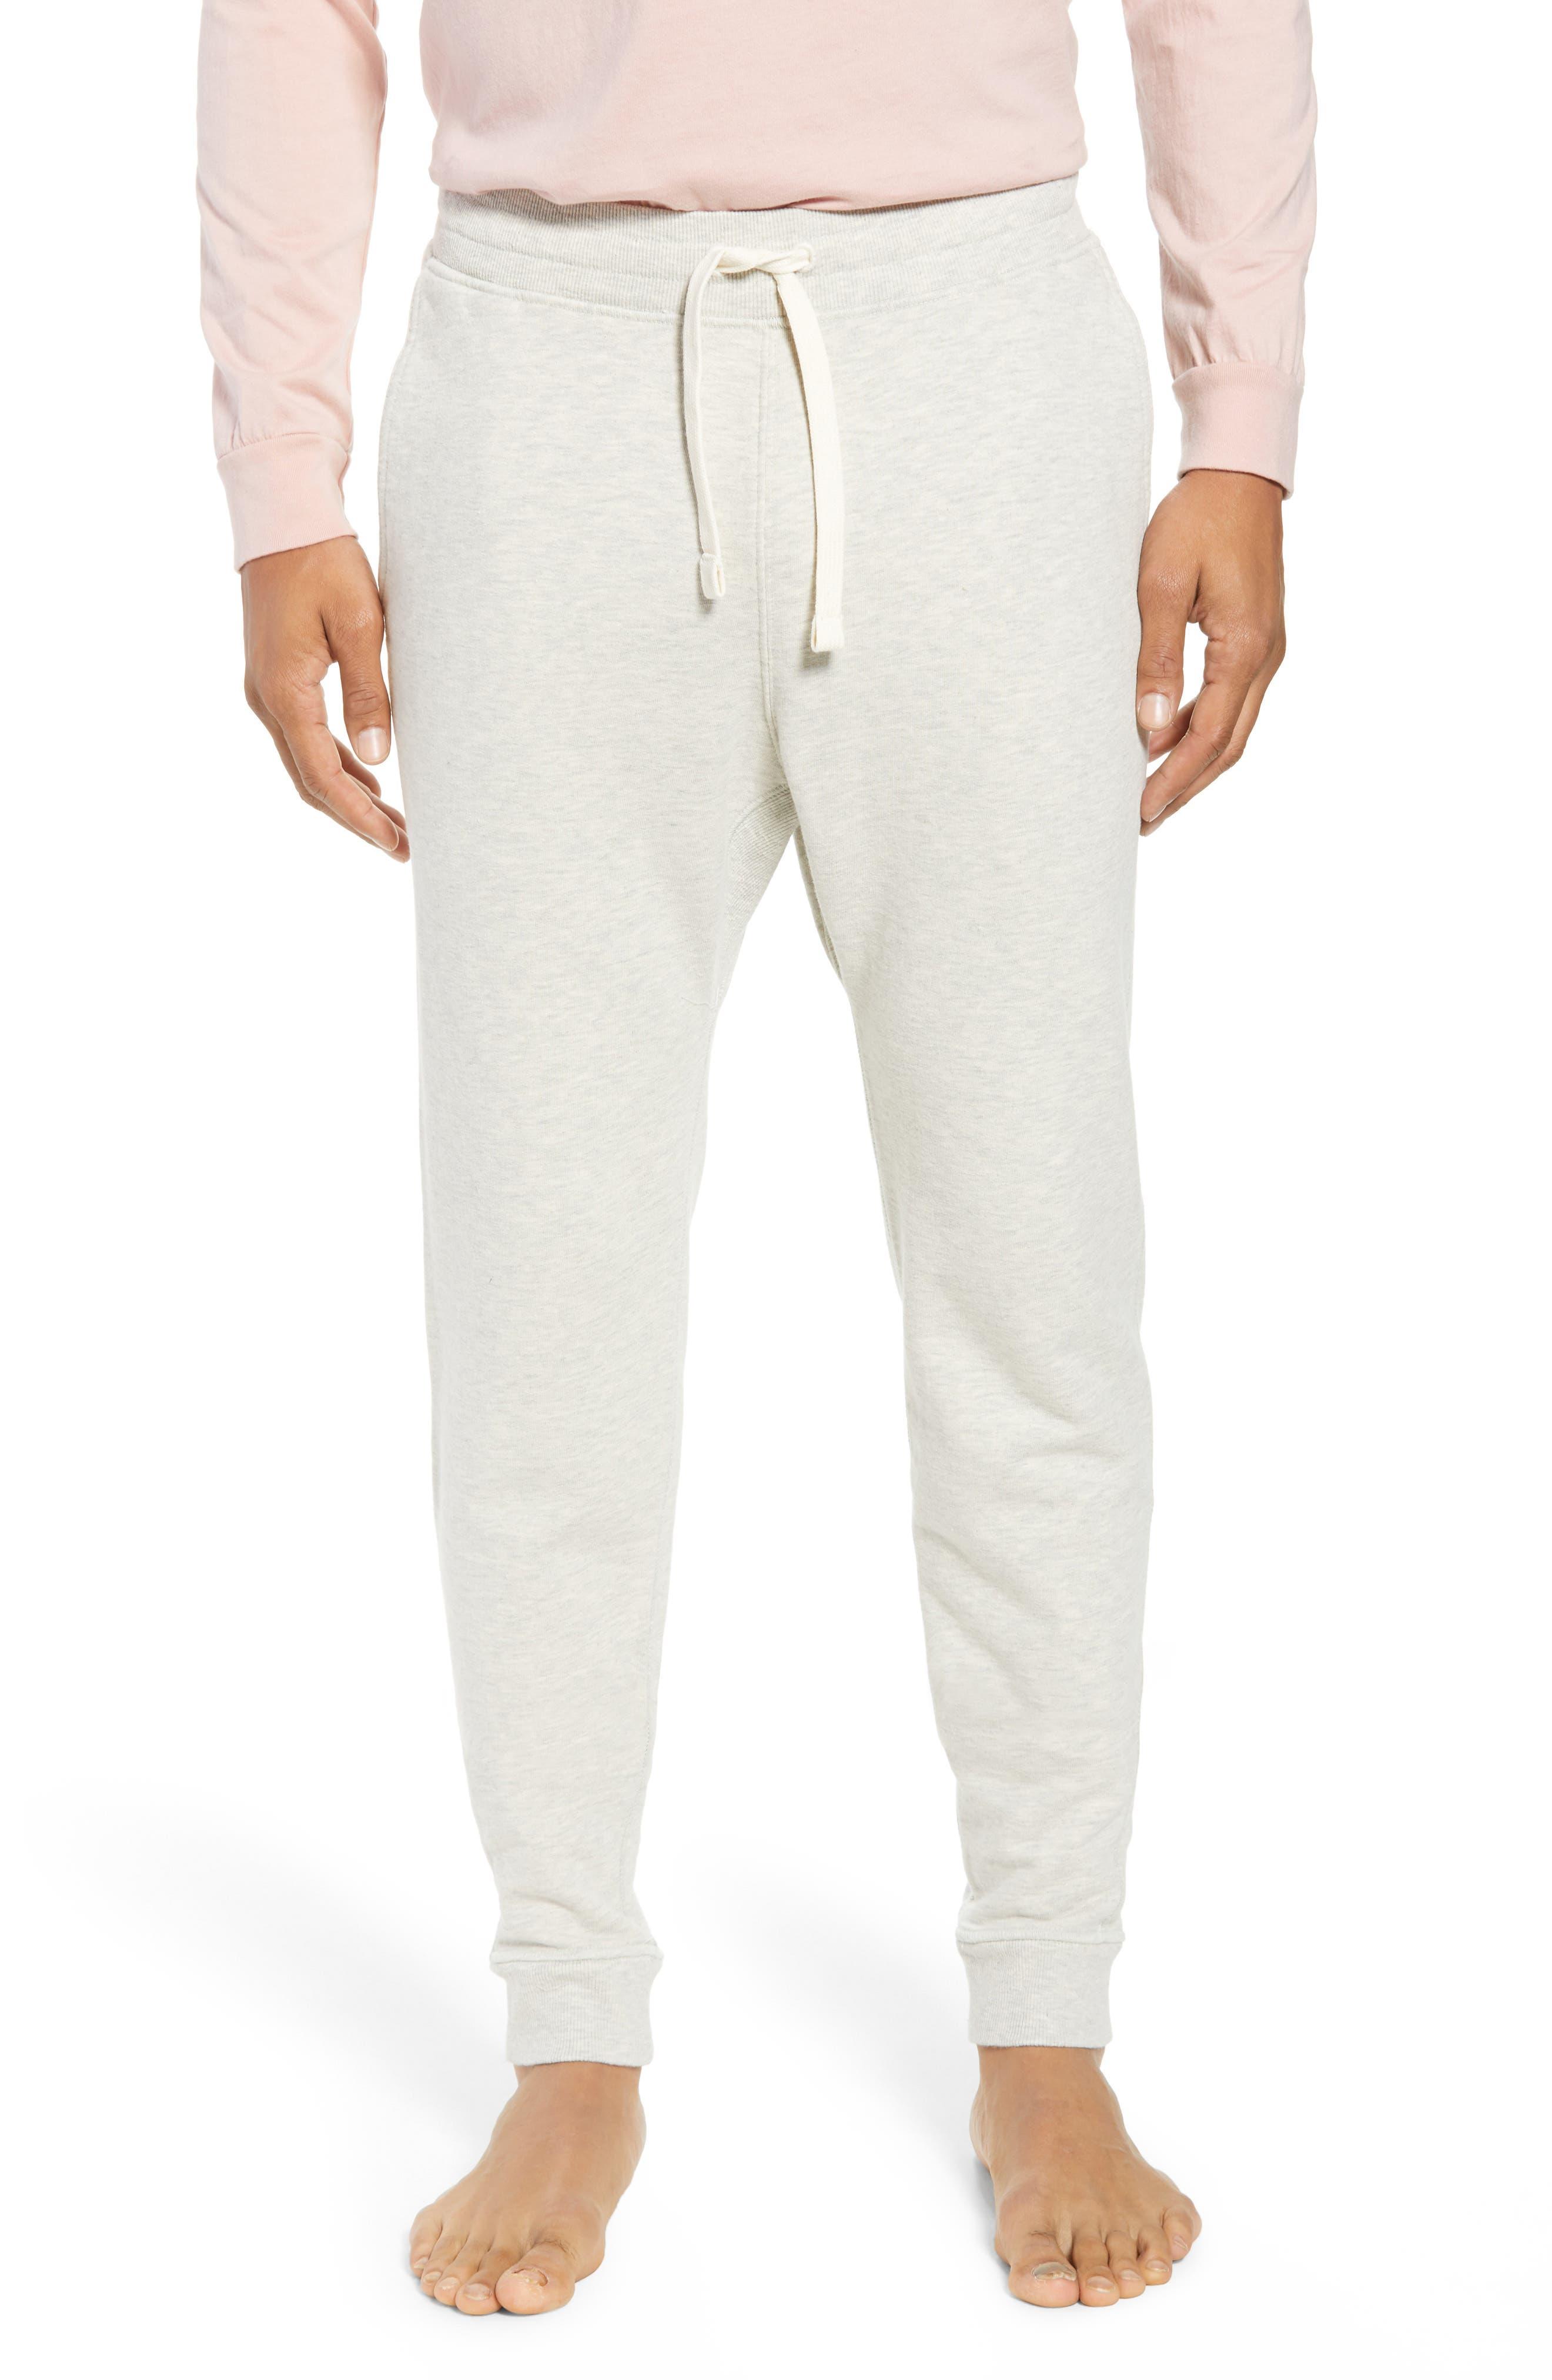 RICHER POORER Cotton Lounge Pants, Main, color, OATMEAL